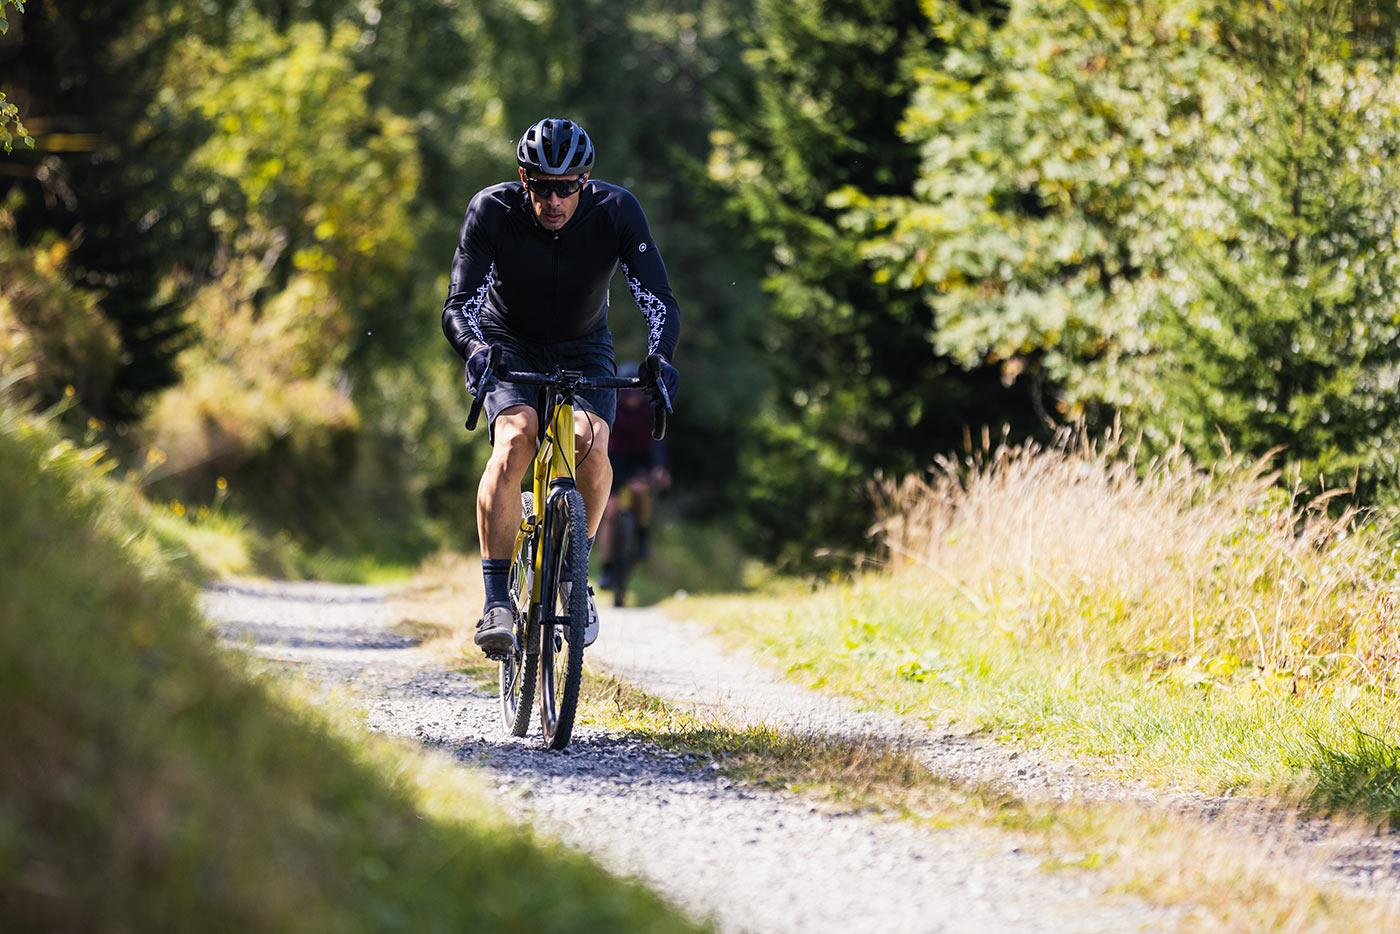 riding the bmc urs lt full suspension gravel bike on a gravel road